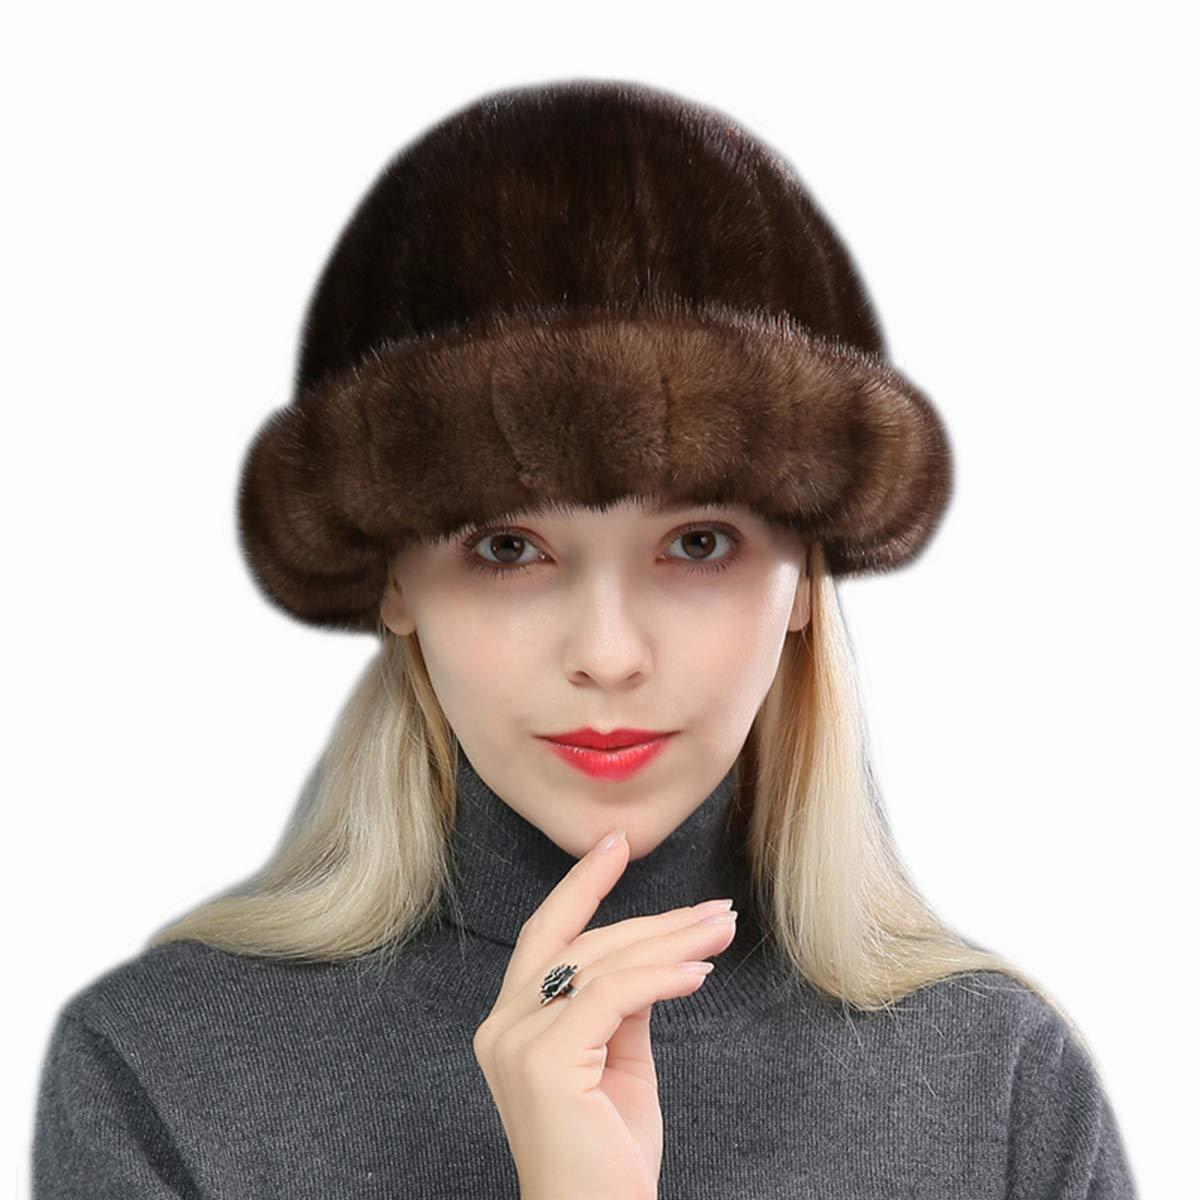 Women's Genuine Mink Fur Roller Hat Cap with Mink Top Multicolor Winter Warm (Light Brown)